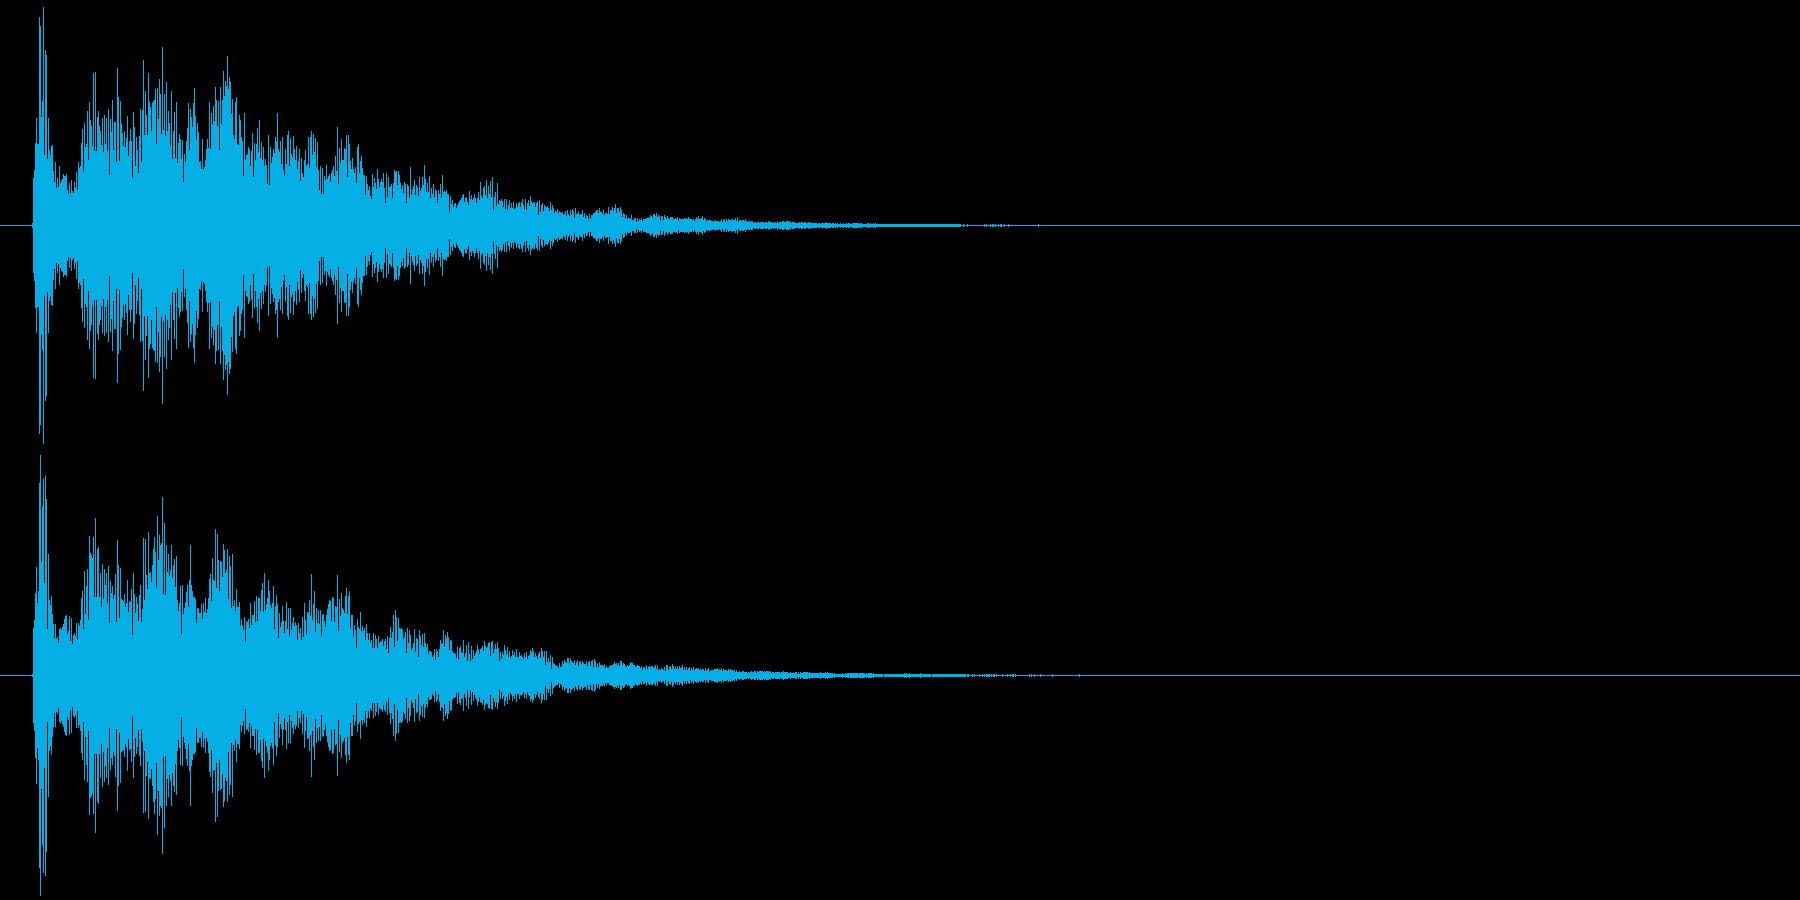 テュピーン・お知らせ・アナウンス・選択の再生済みの波形